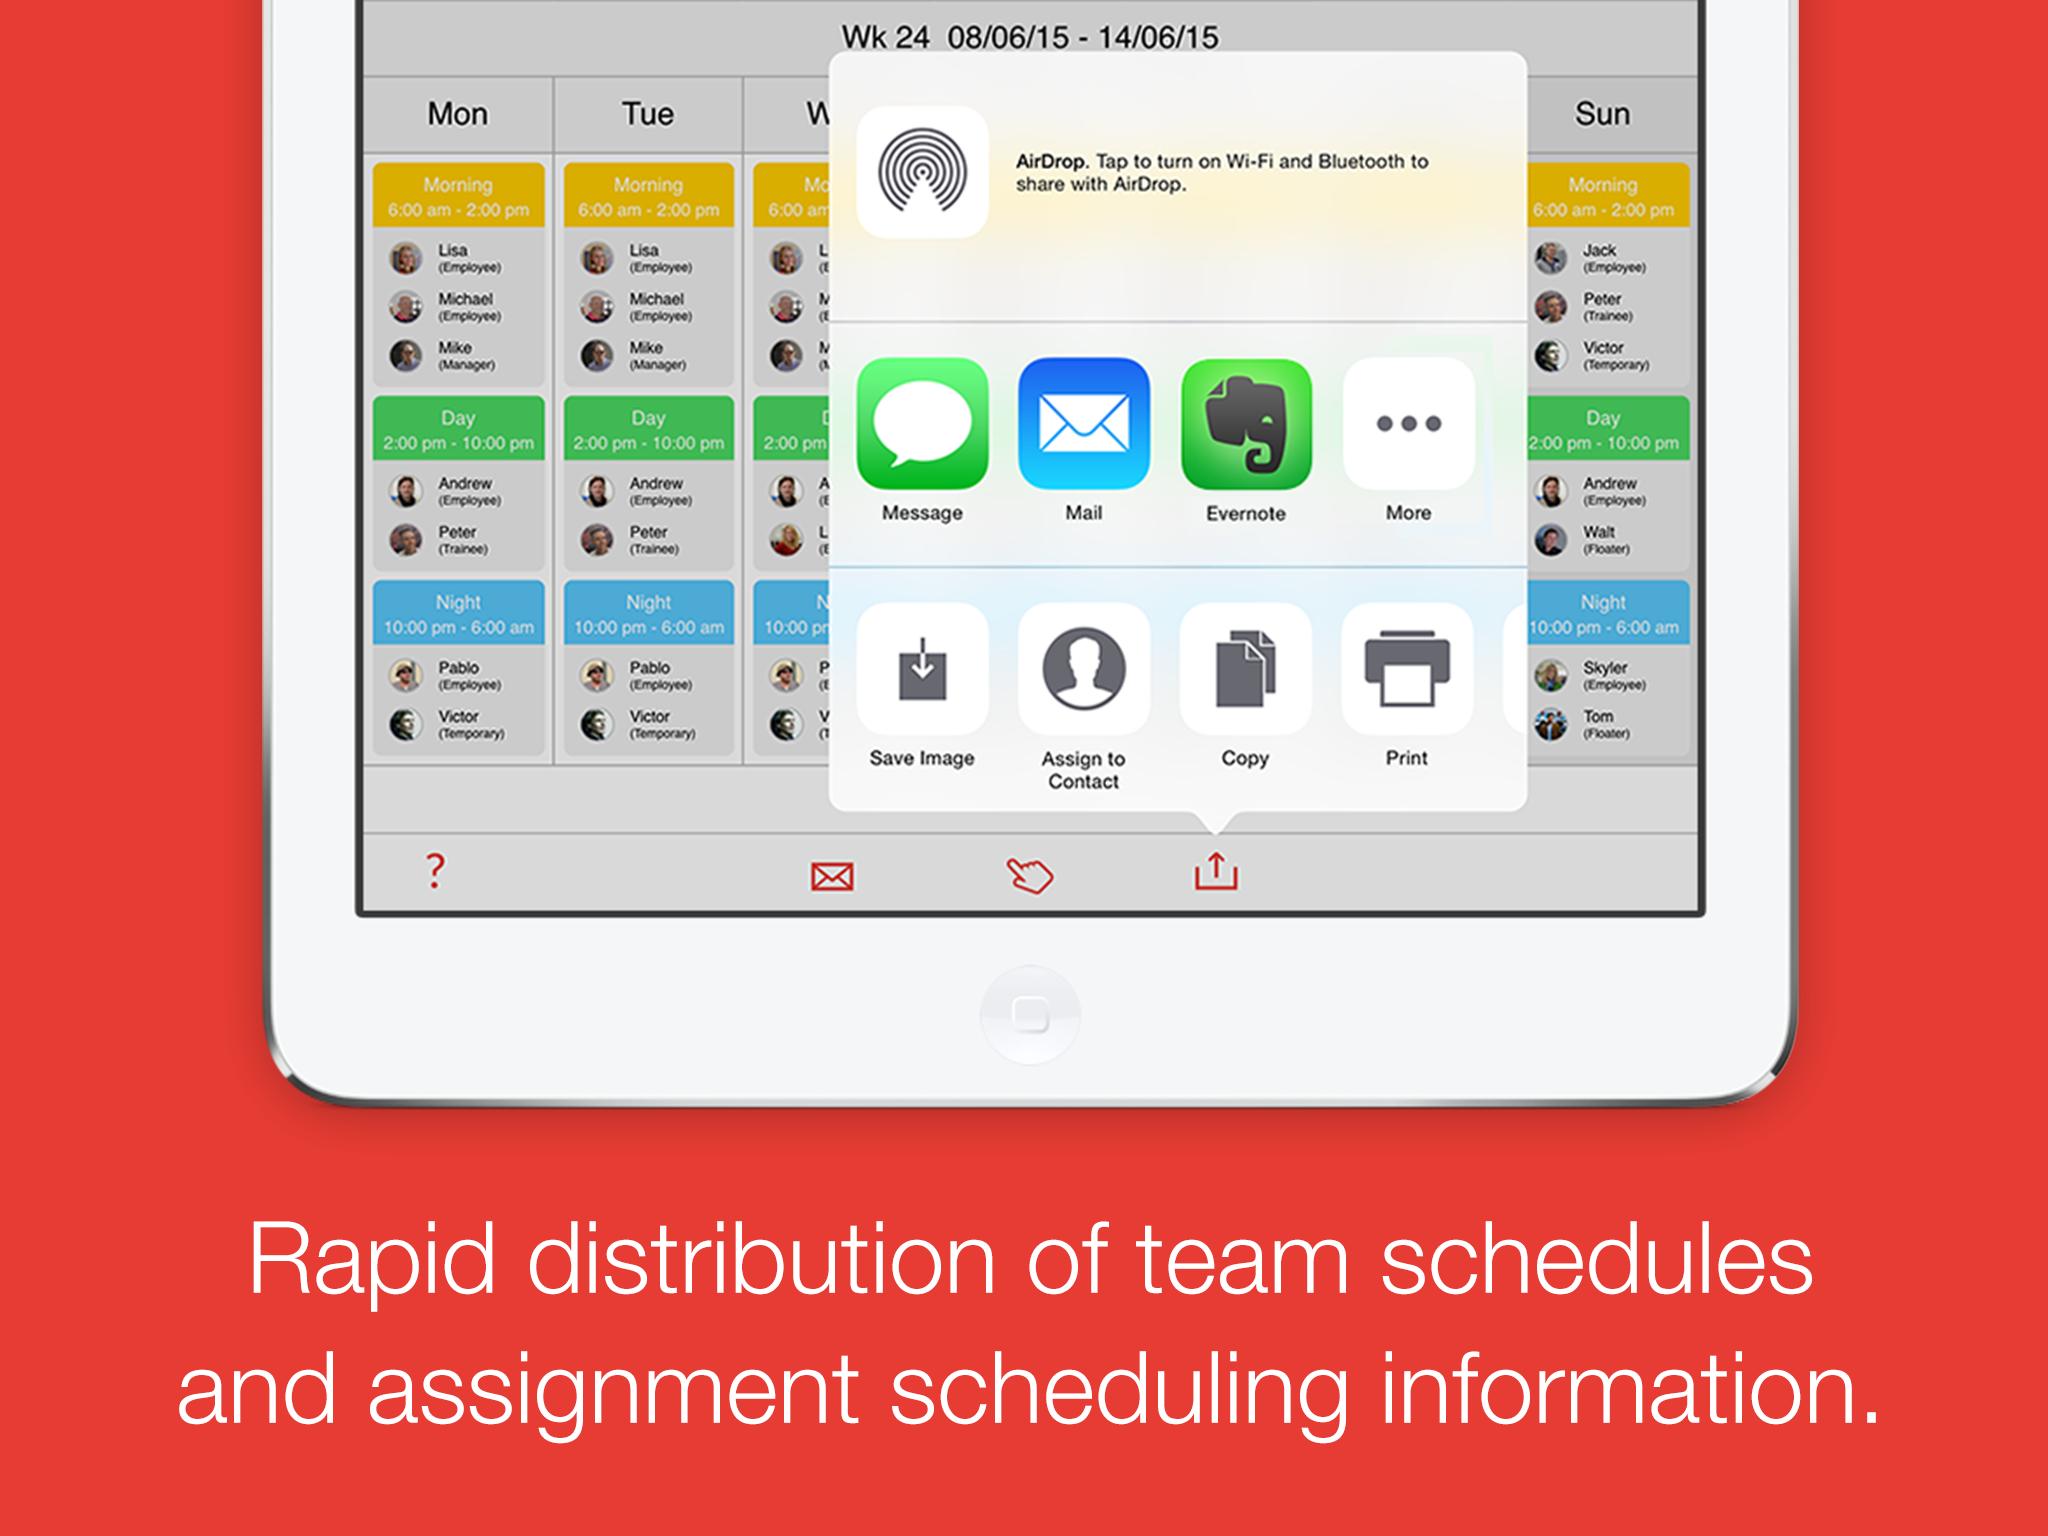 Dienstag – schedule your team